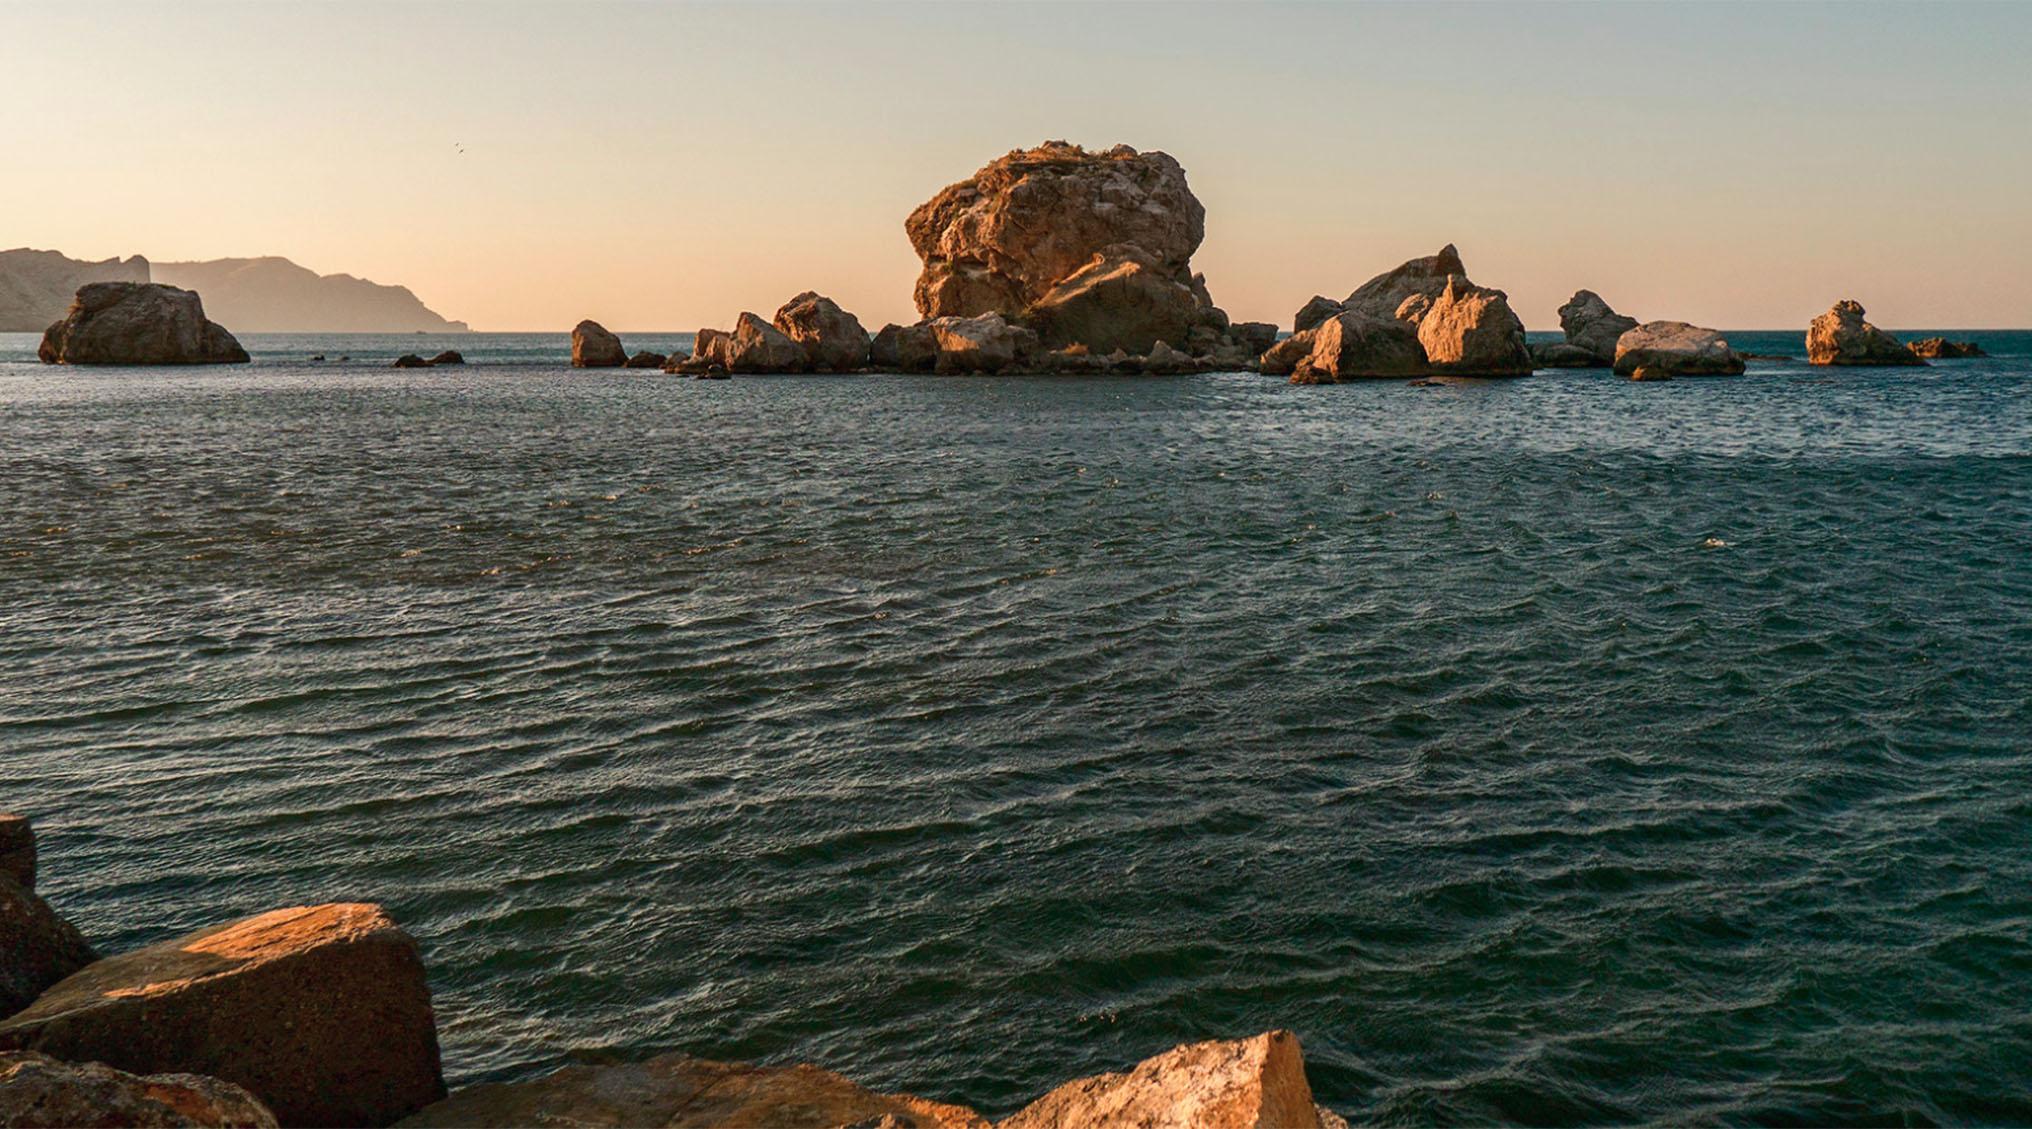 Крабий остров, Судак